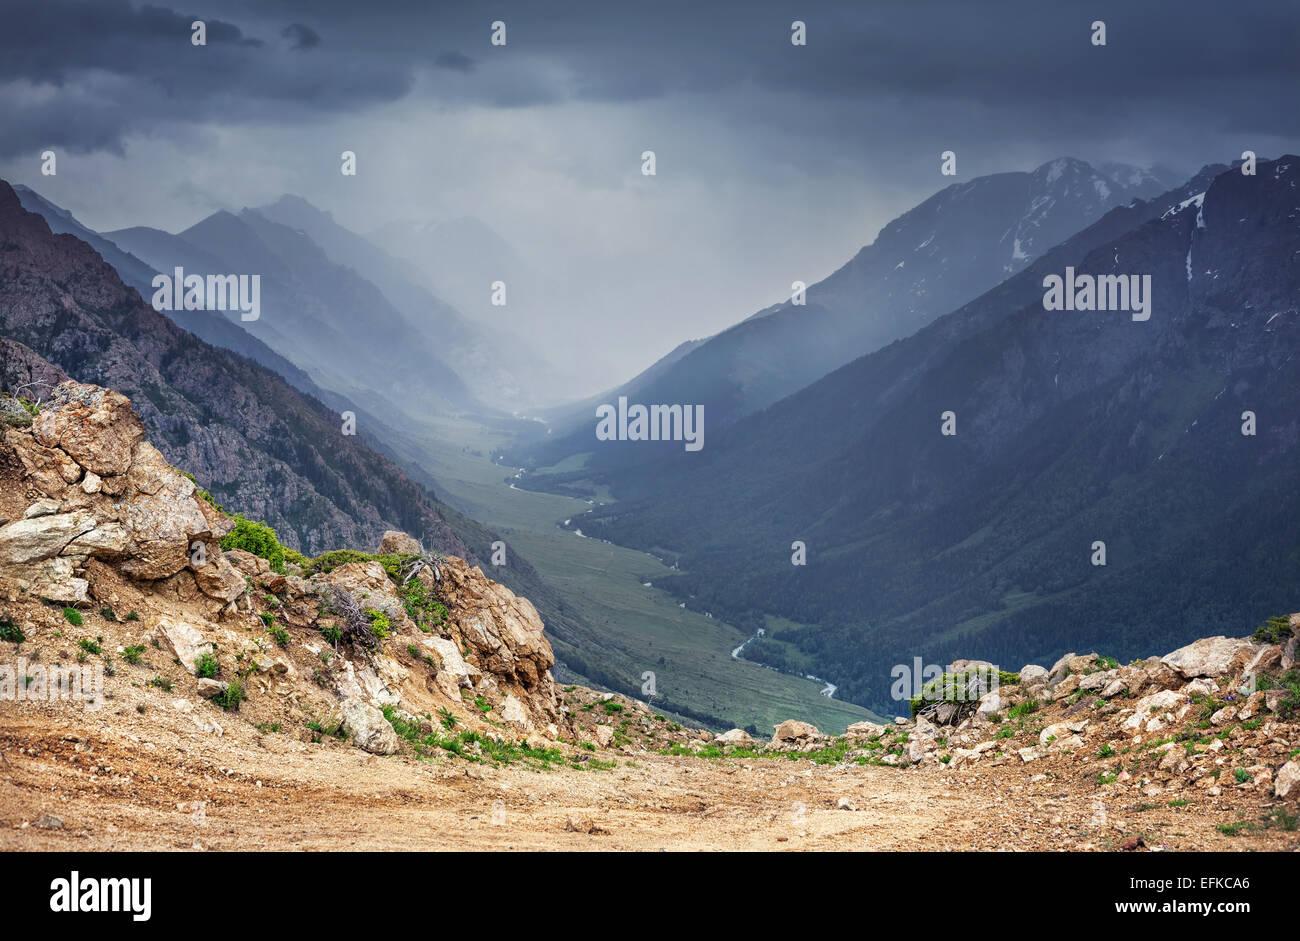 La vallée de la rivière et la montagne avec ciel couvert ciel gris à l'Alatau Dzungarian Kazakhstan, Photo Stock